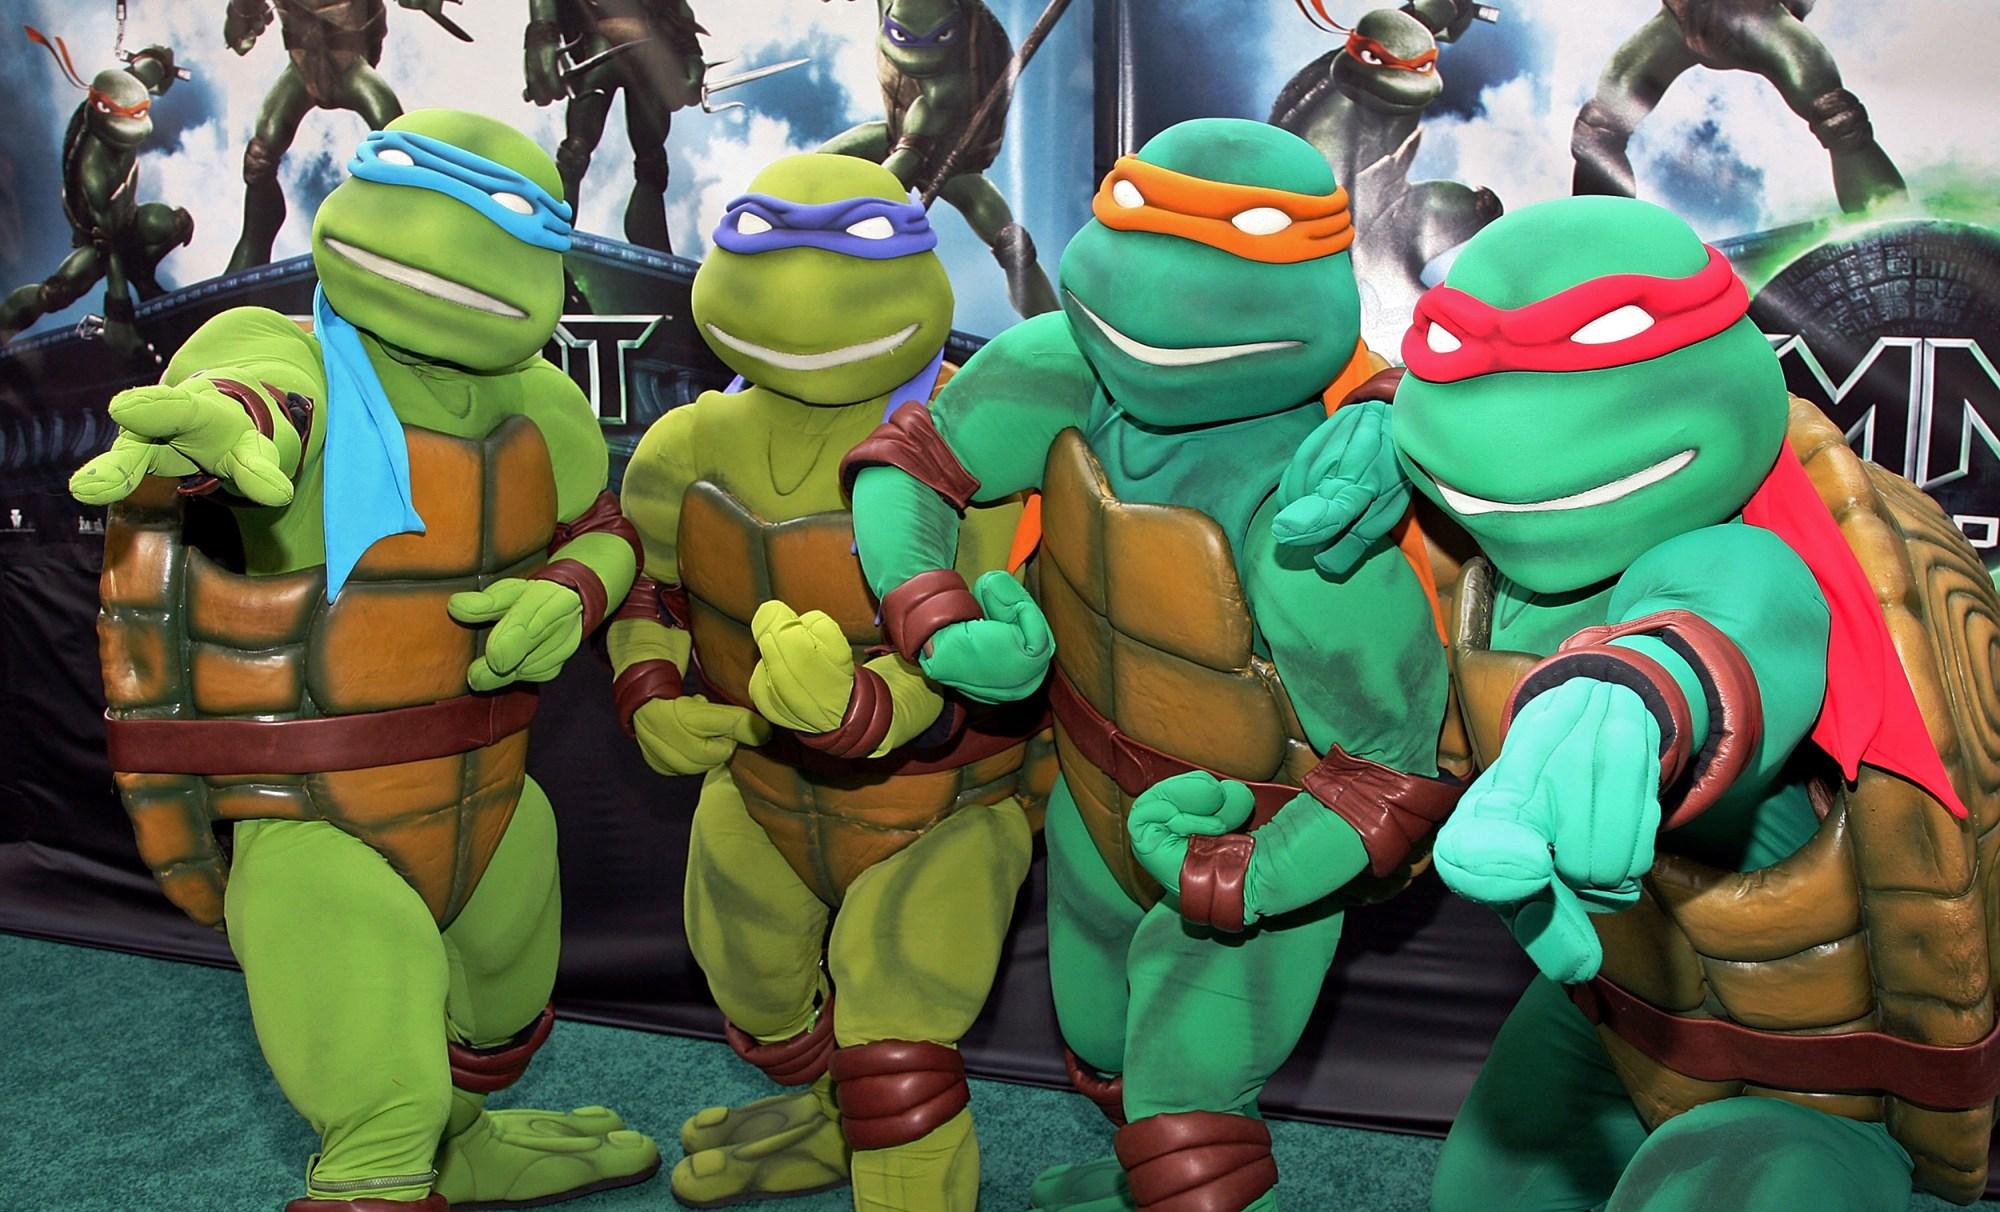 https://media-cldnry.s-nbcnews.com/image/upload/t_fit-2000w,f_auto,q_auto:best/newscms/2020_10/3255971/200304-teenage-mutant-ninja-turtles-al-1312.jpg